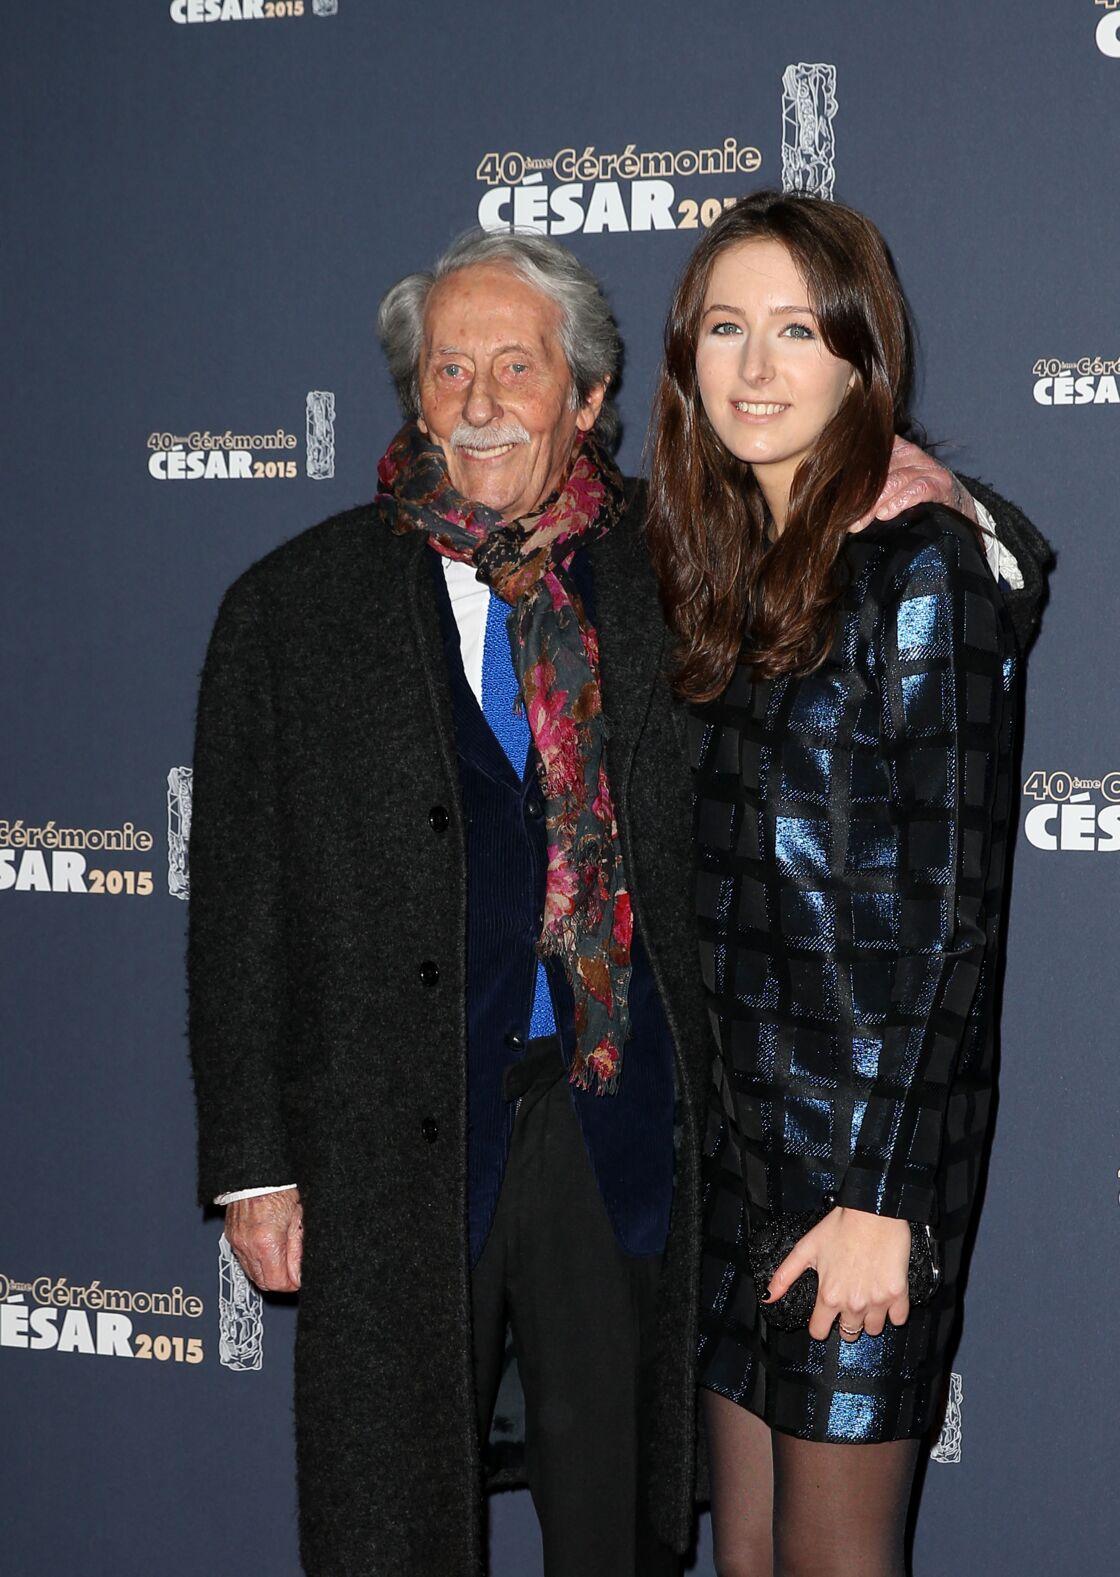 Jean Rochefort et sa fille Clémence - Photocall de la 40ème cérémonie des César au théâtre du Châtelet à Paris. Le 20 février 2015